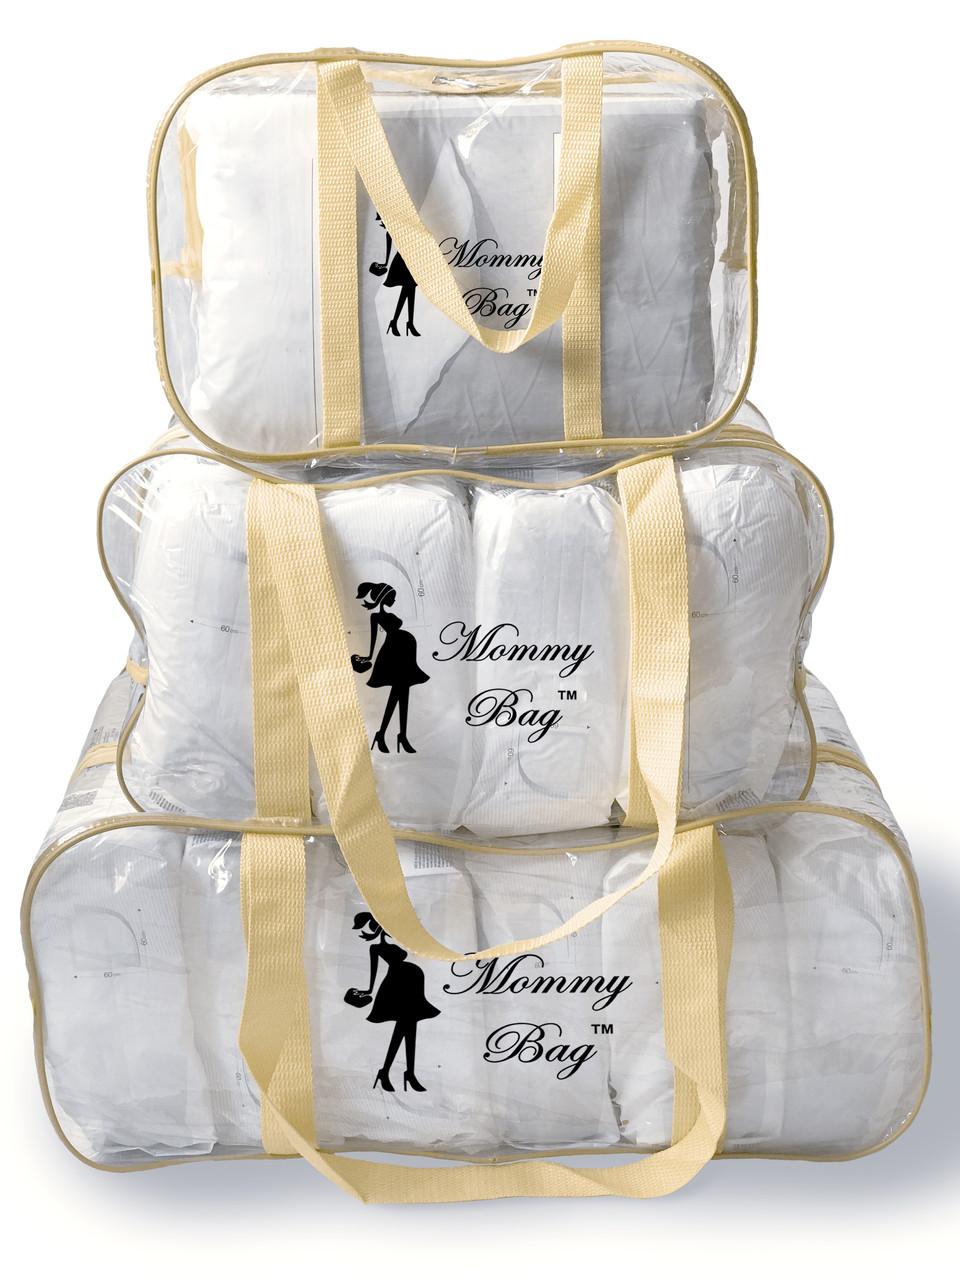 Набор из 3 прозрачных сумок в роддом Mommy Bag сумка - S,M,L - Бежевый